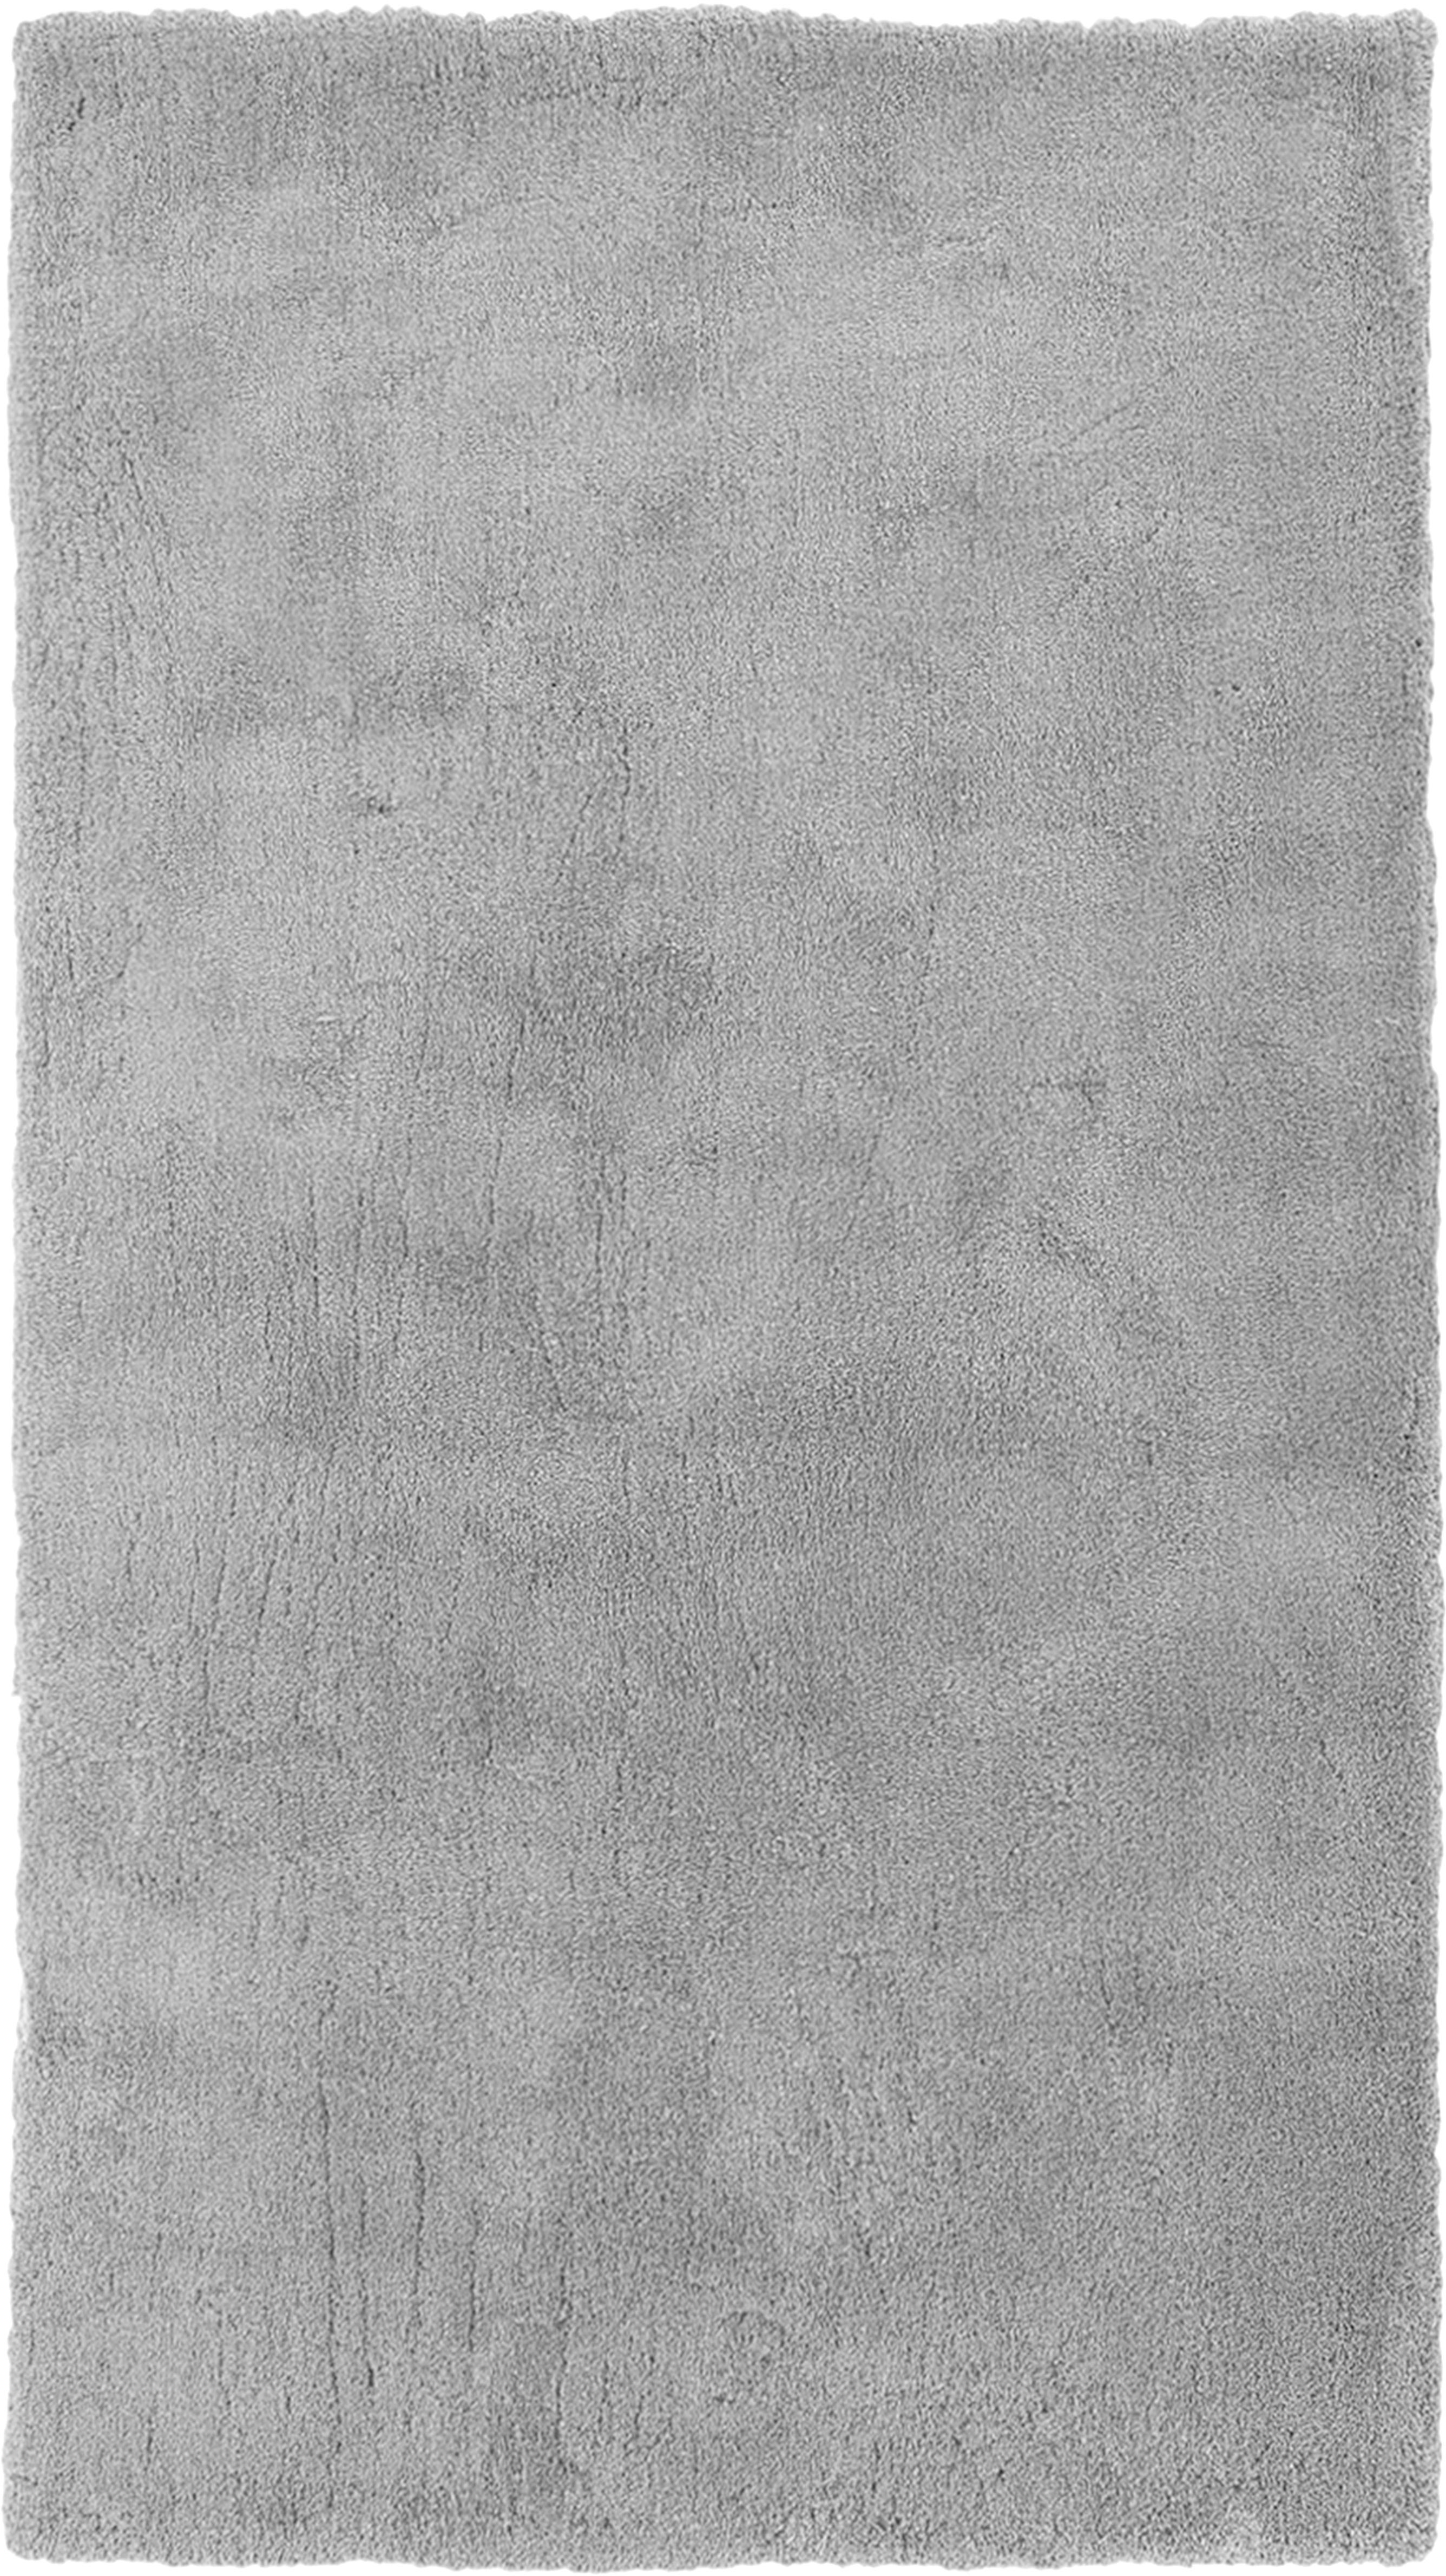 Tappeto peloso morbido grigio scuro Leighton, Retro: 70% poliestere, 30% coton, Grigio, Larg. 80 x Lung. 150 cm (taglia XS)